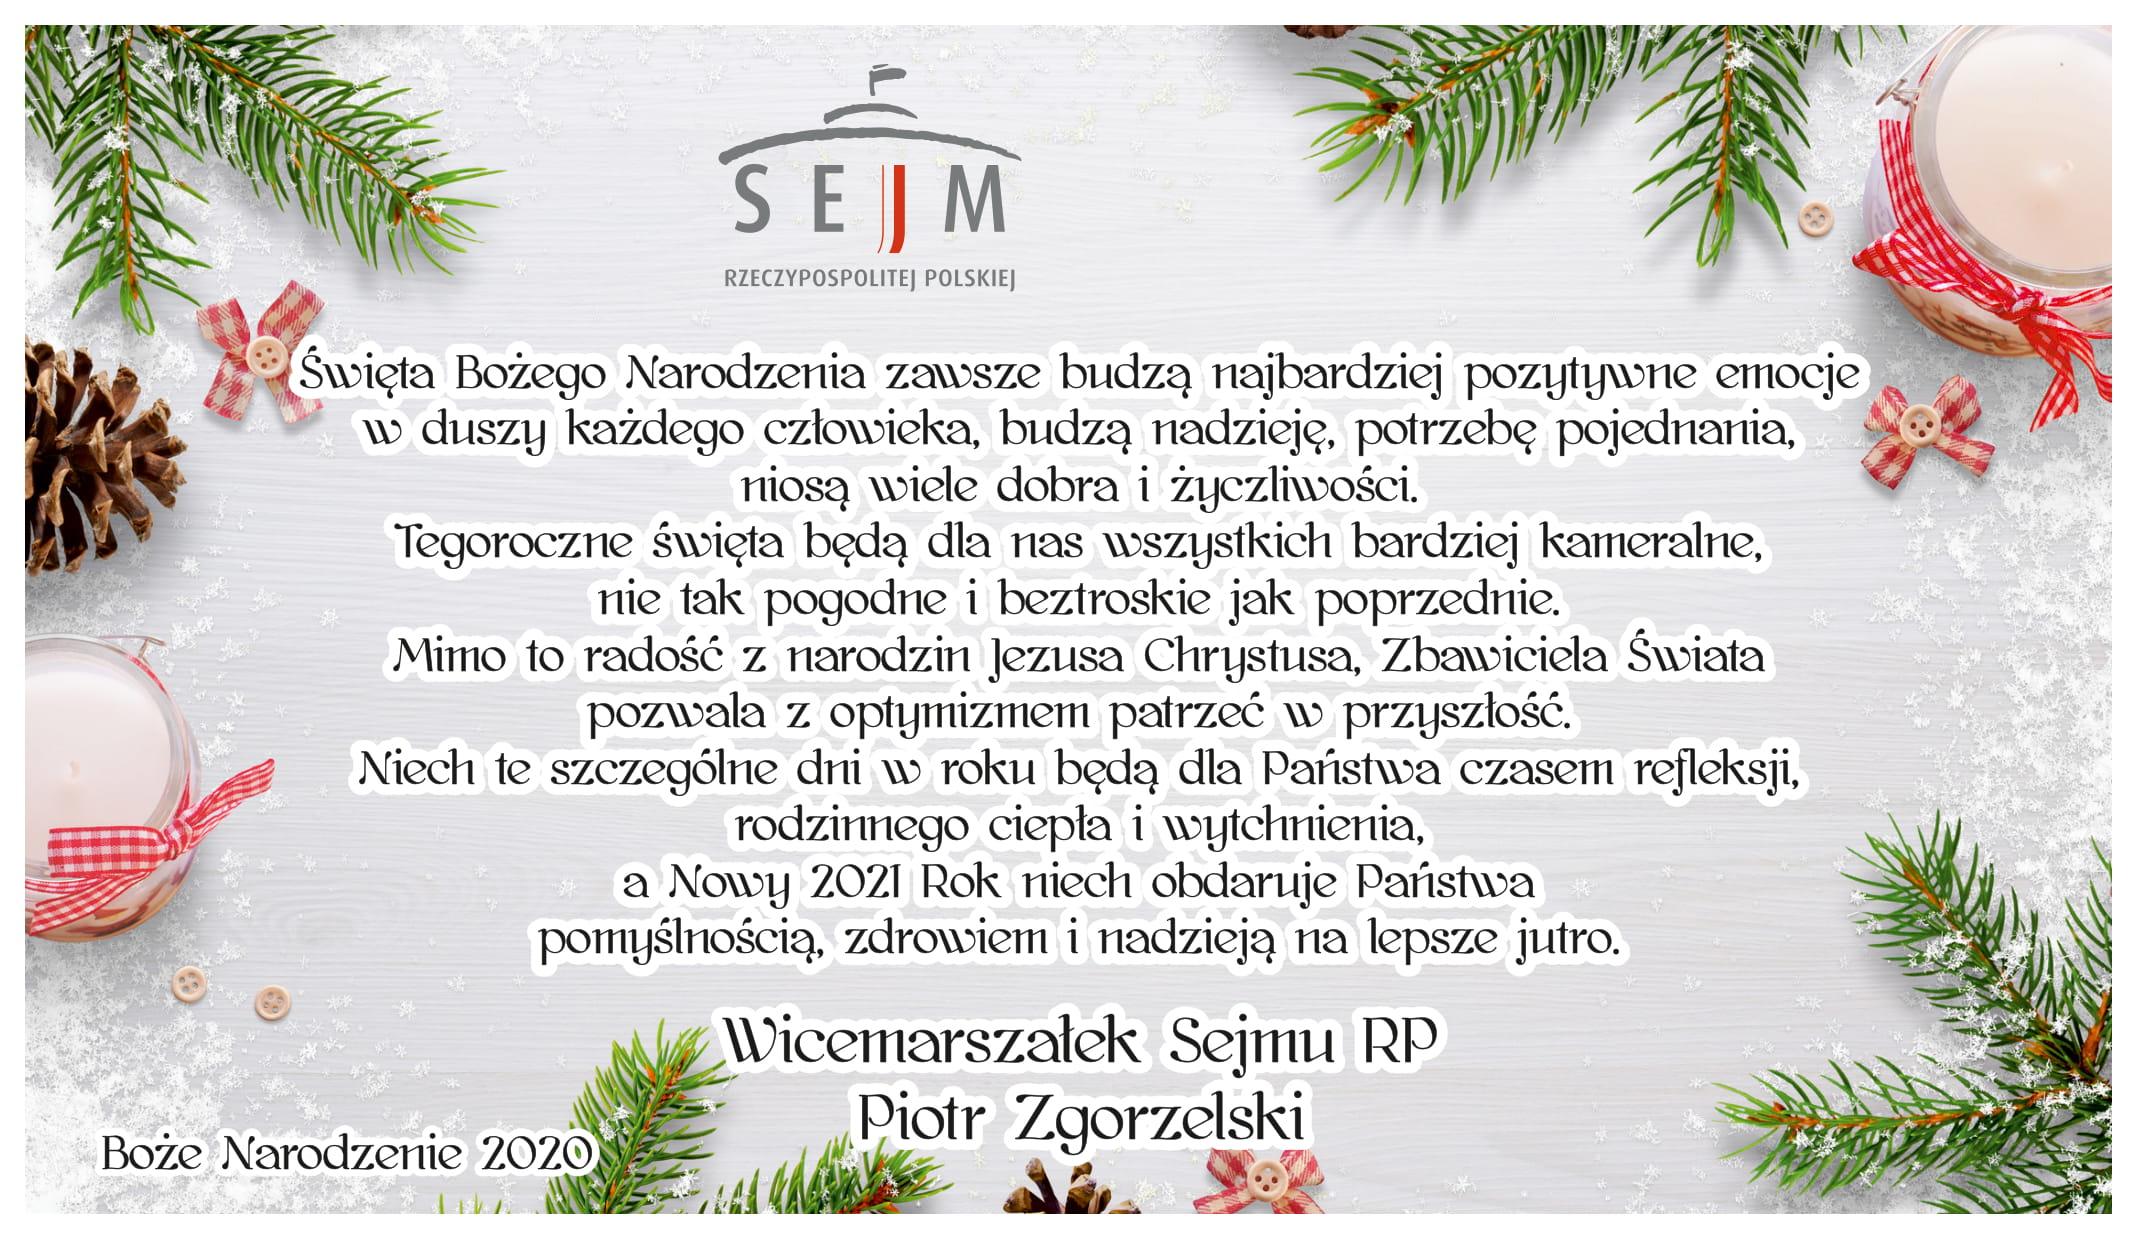 Życzenia świąteczne  - Zdjęcie główne